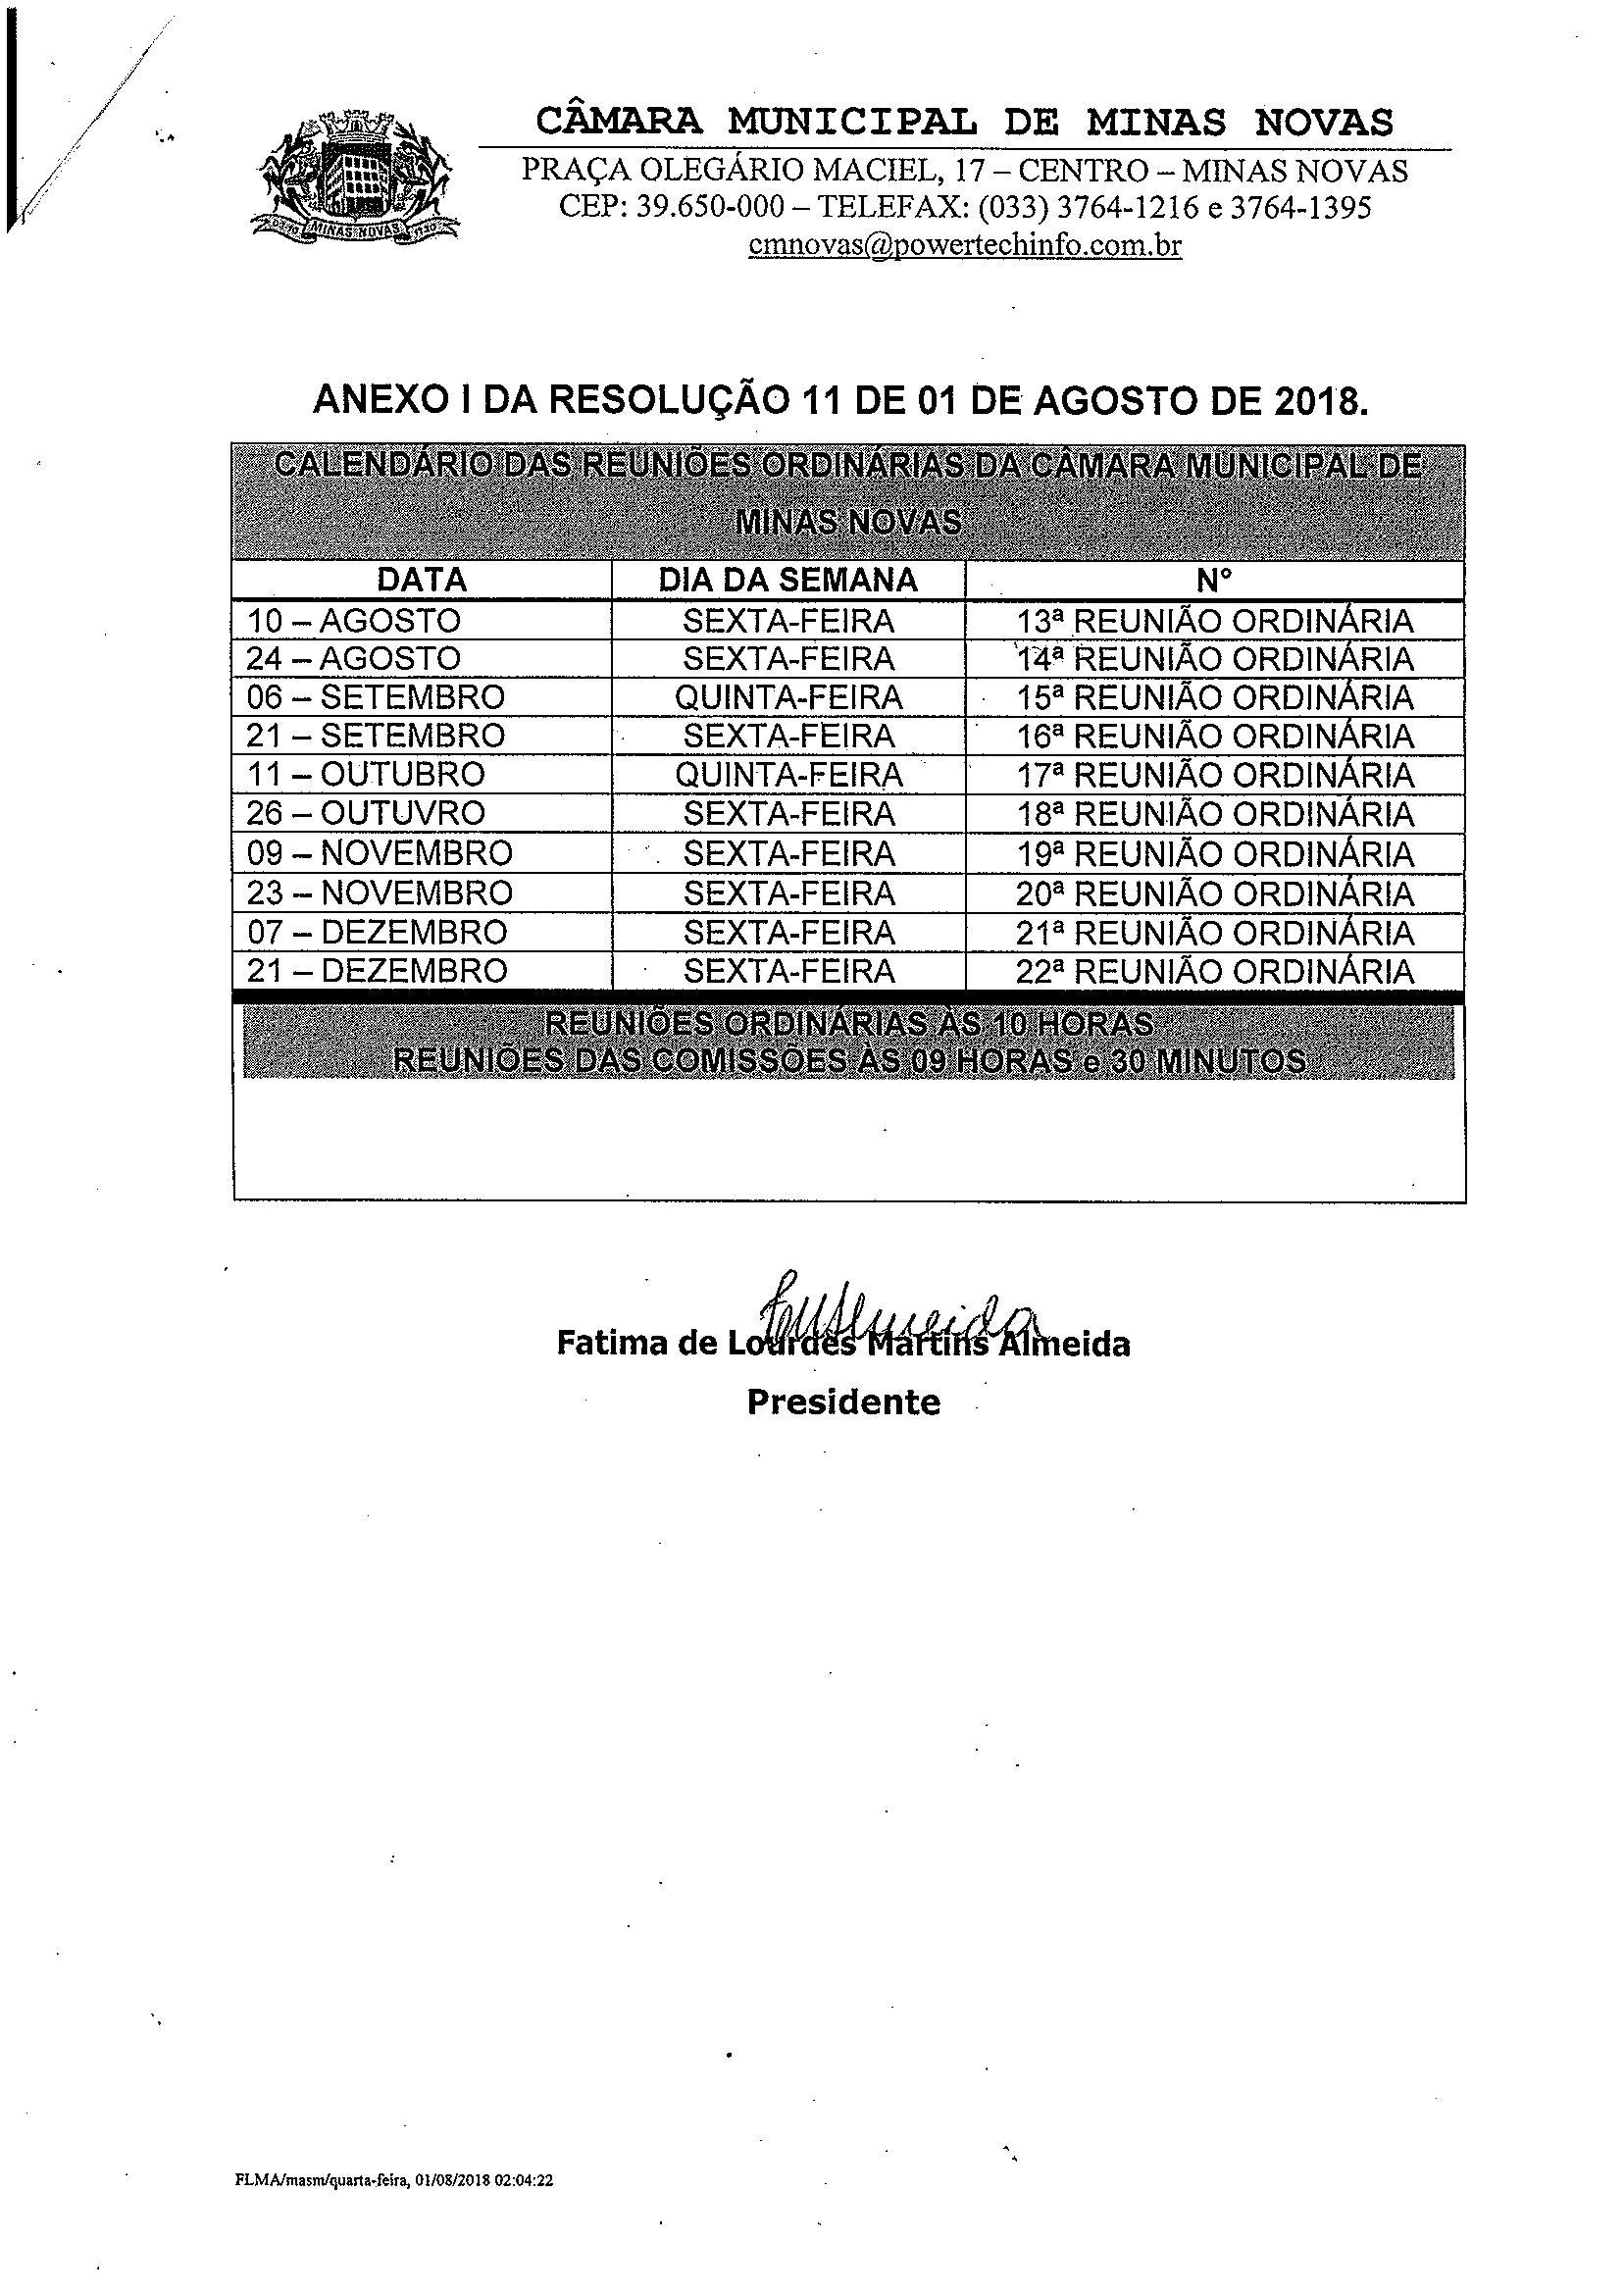 Calendário das Reuniões Ordinárias da Câmara Municipal (Exercício de 2018) - 02º Semestre